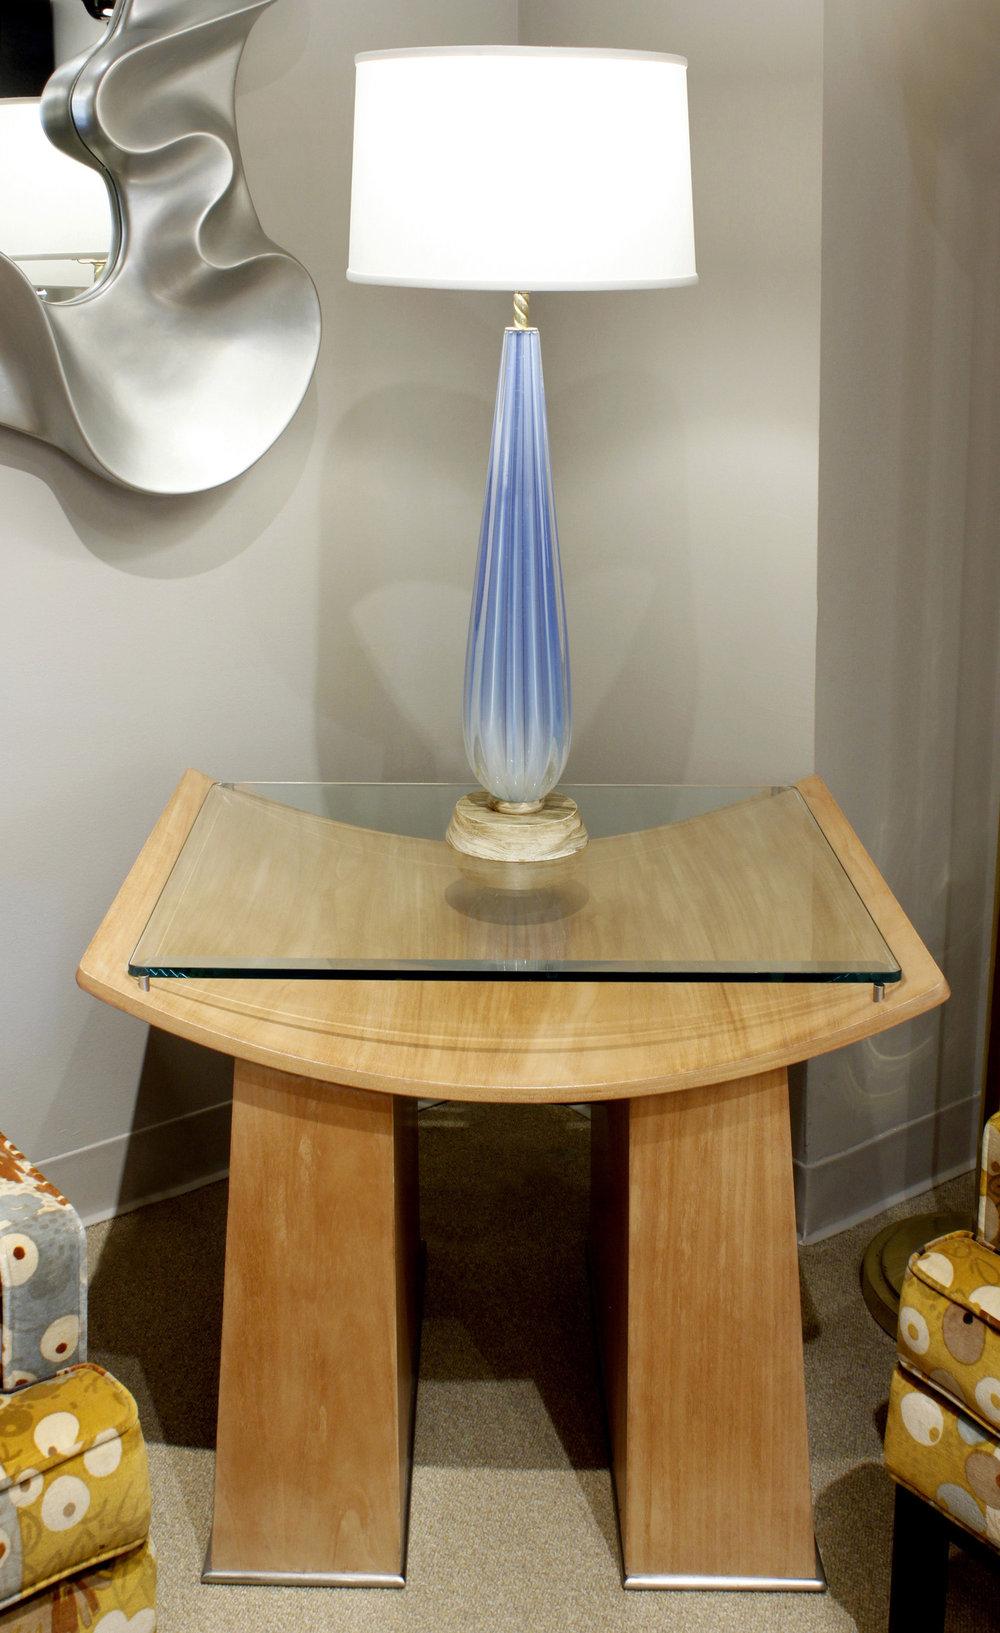 Seguso 35 blue channeled tablelamp241 atm.jpg